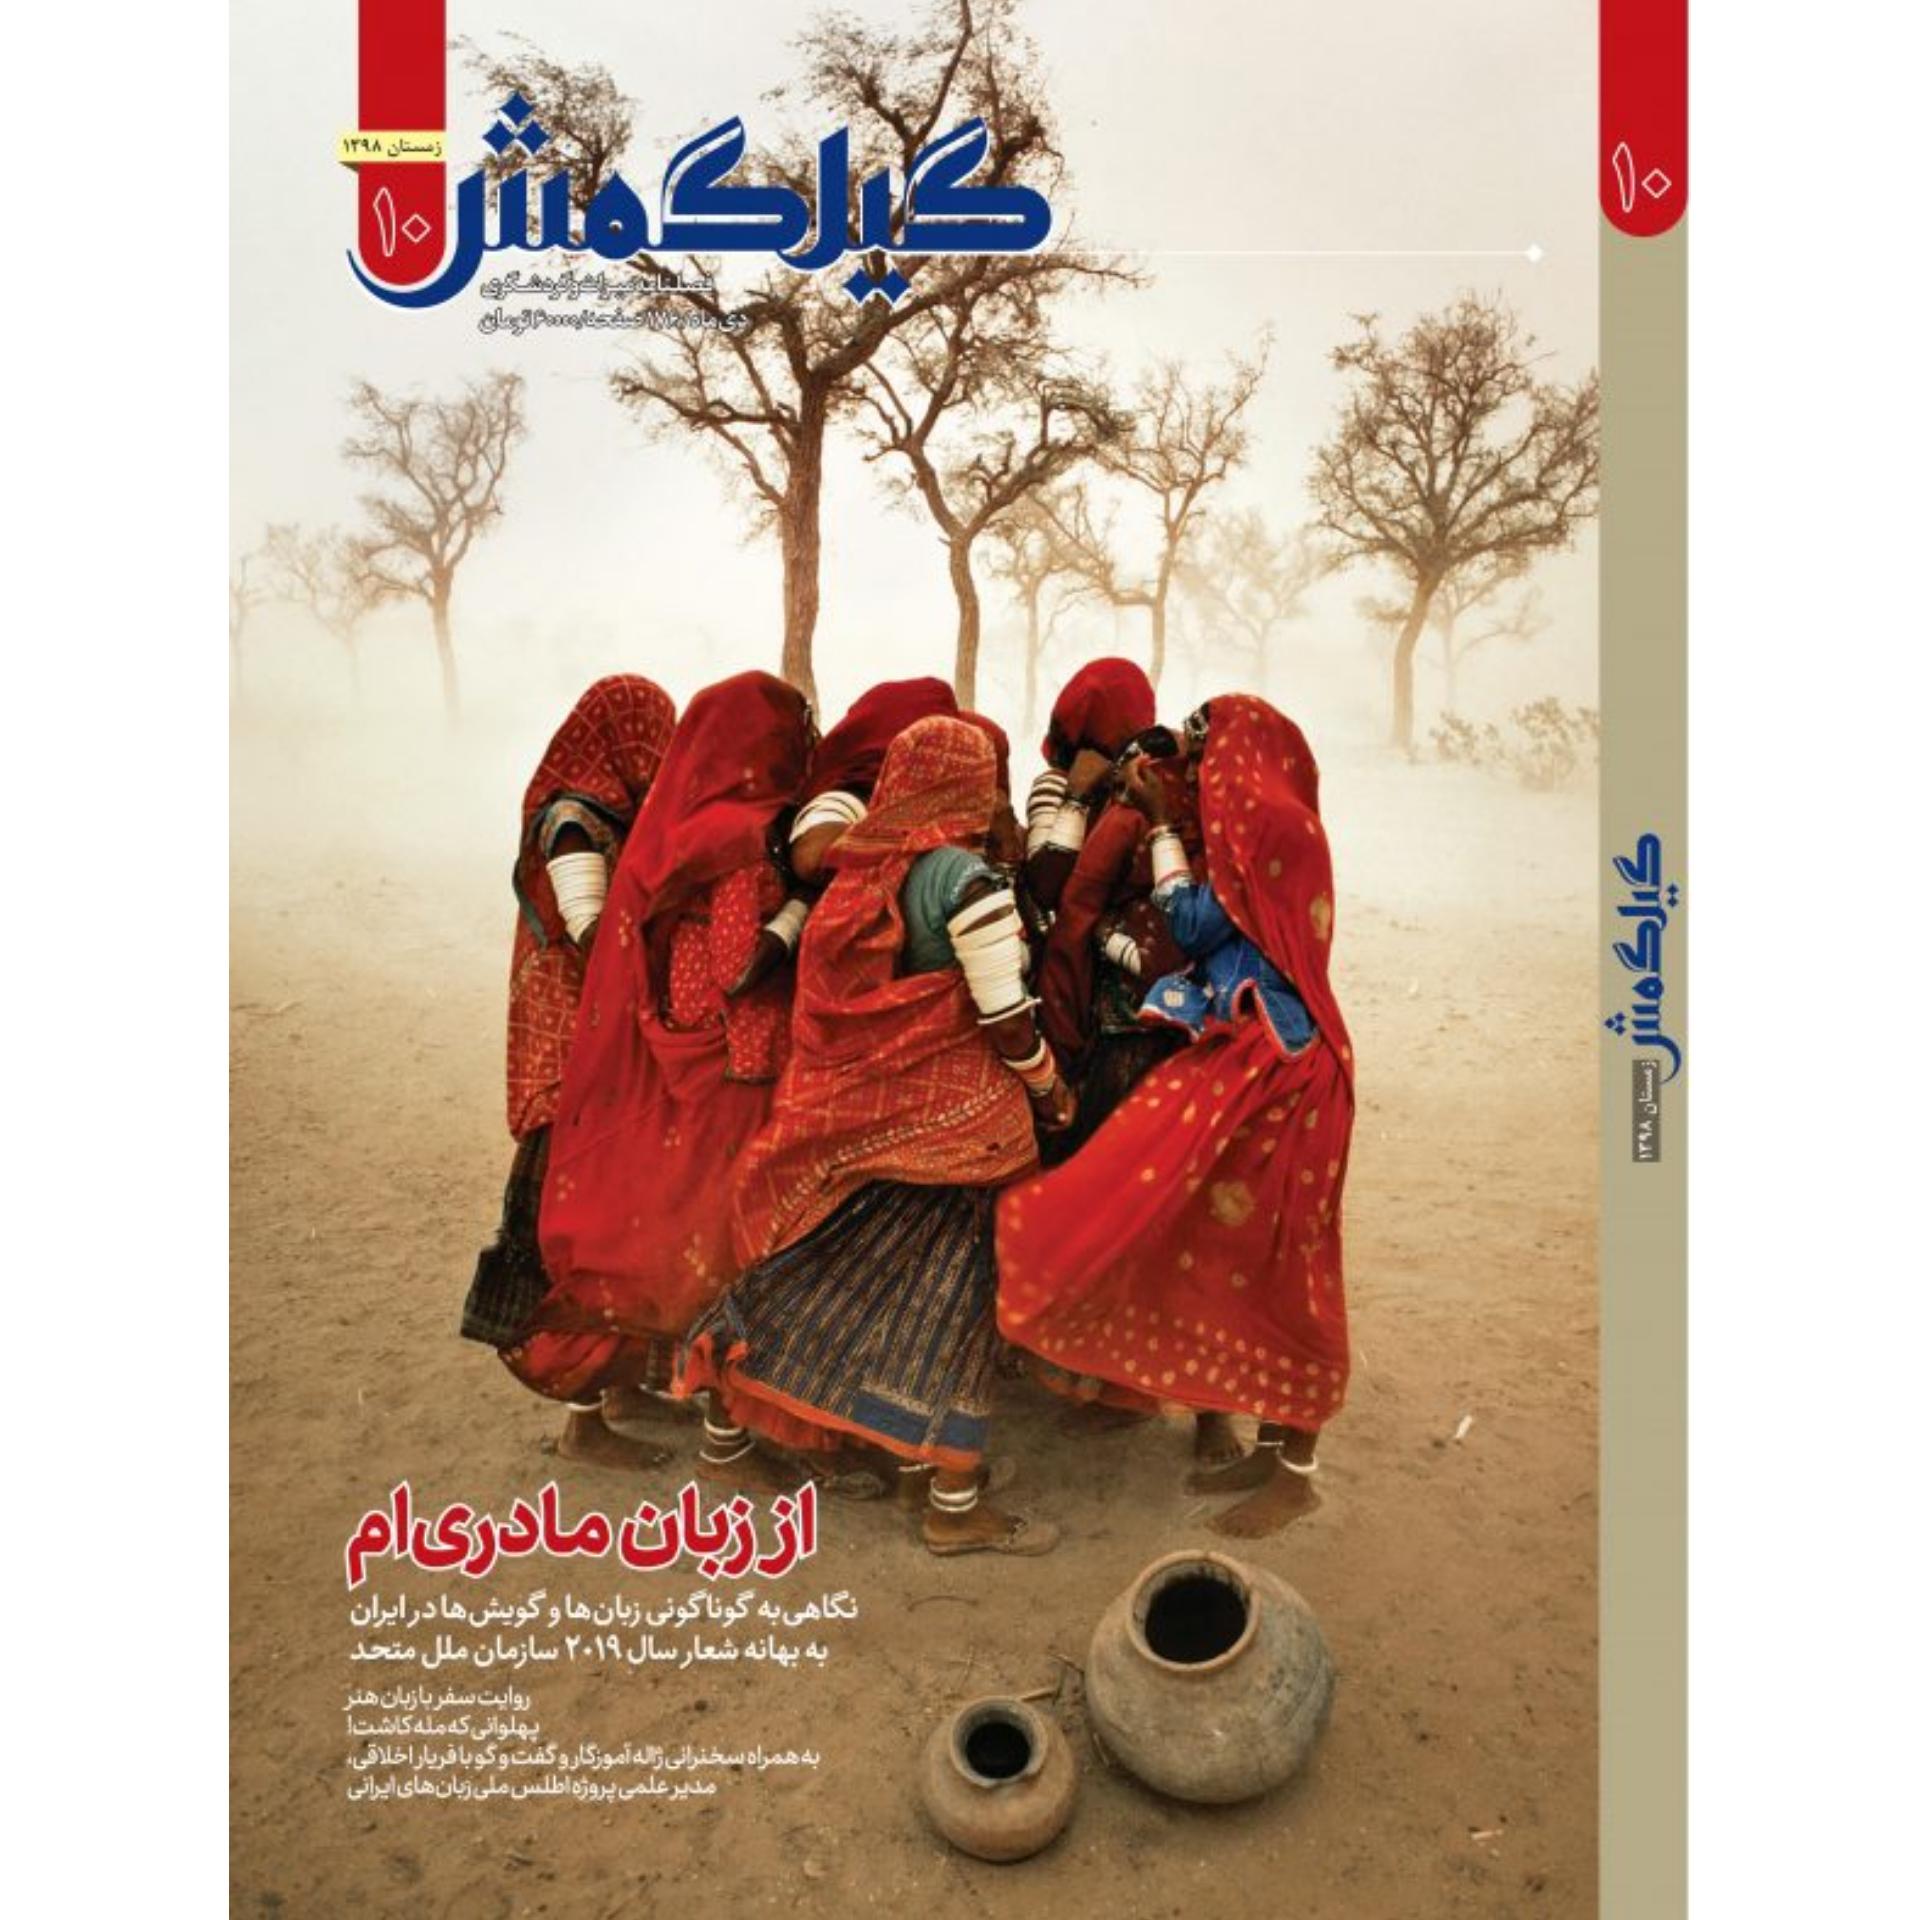 فصلنامهٔ فارسی میراث و گردشگری گیلگمش شماره ۱۰